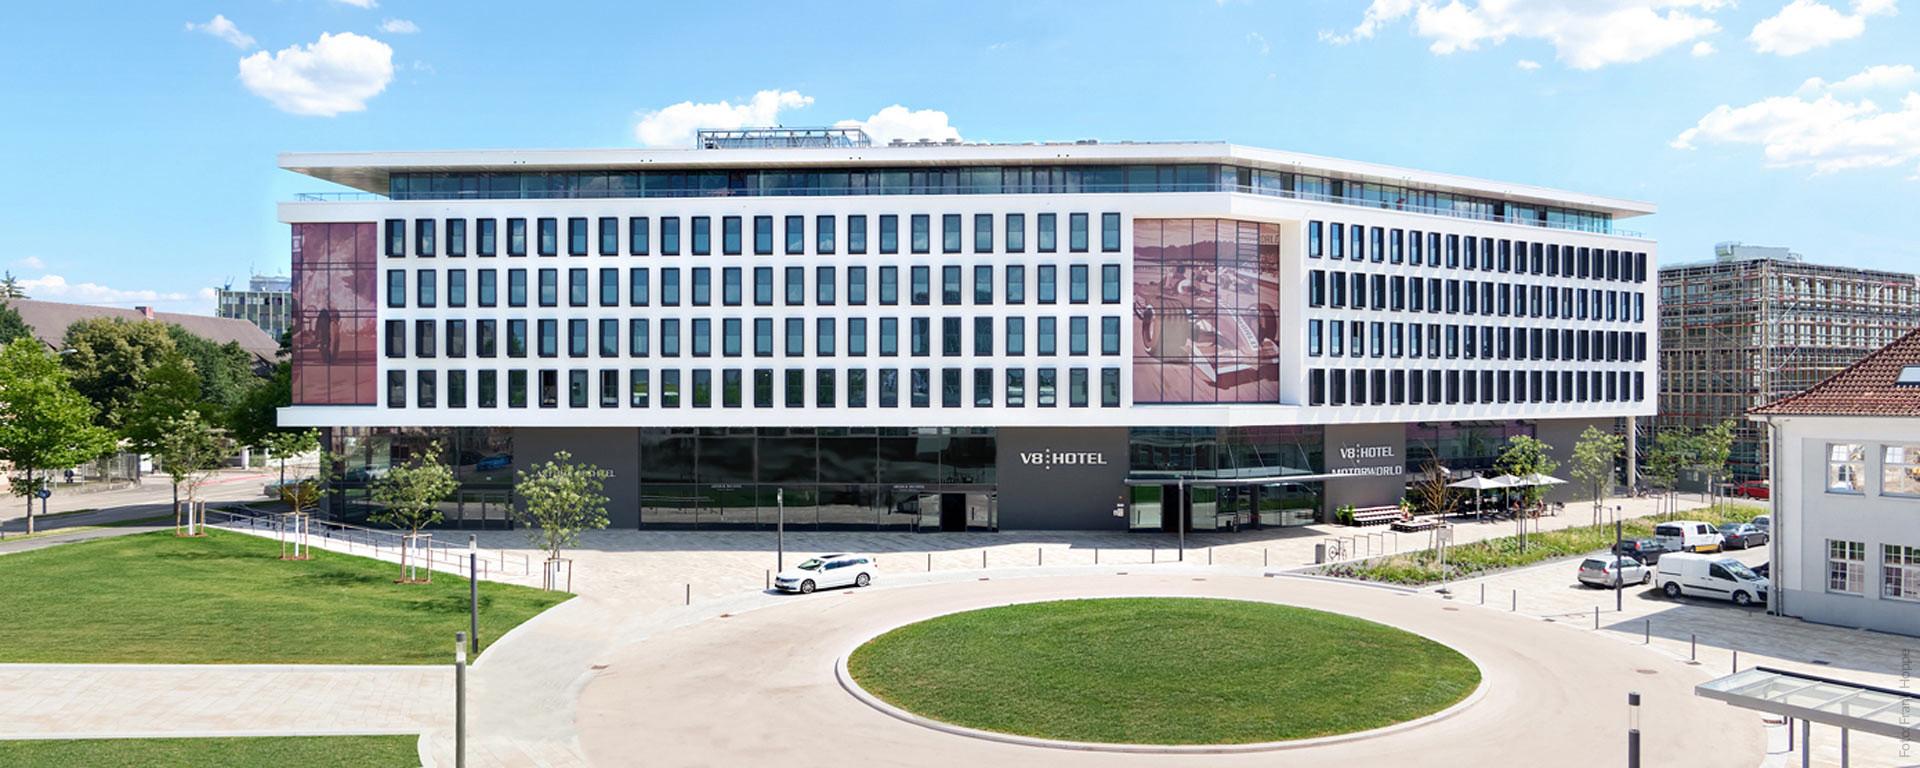 """V8 HOTEL """"PICK-UP"""": V8 HOTEL - der TOP-Spot im Supercar-Center"""